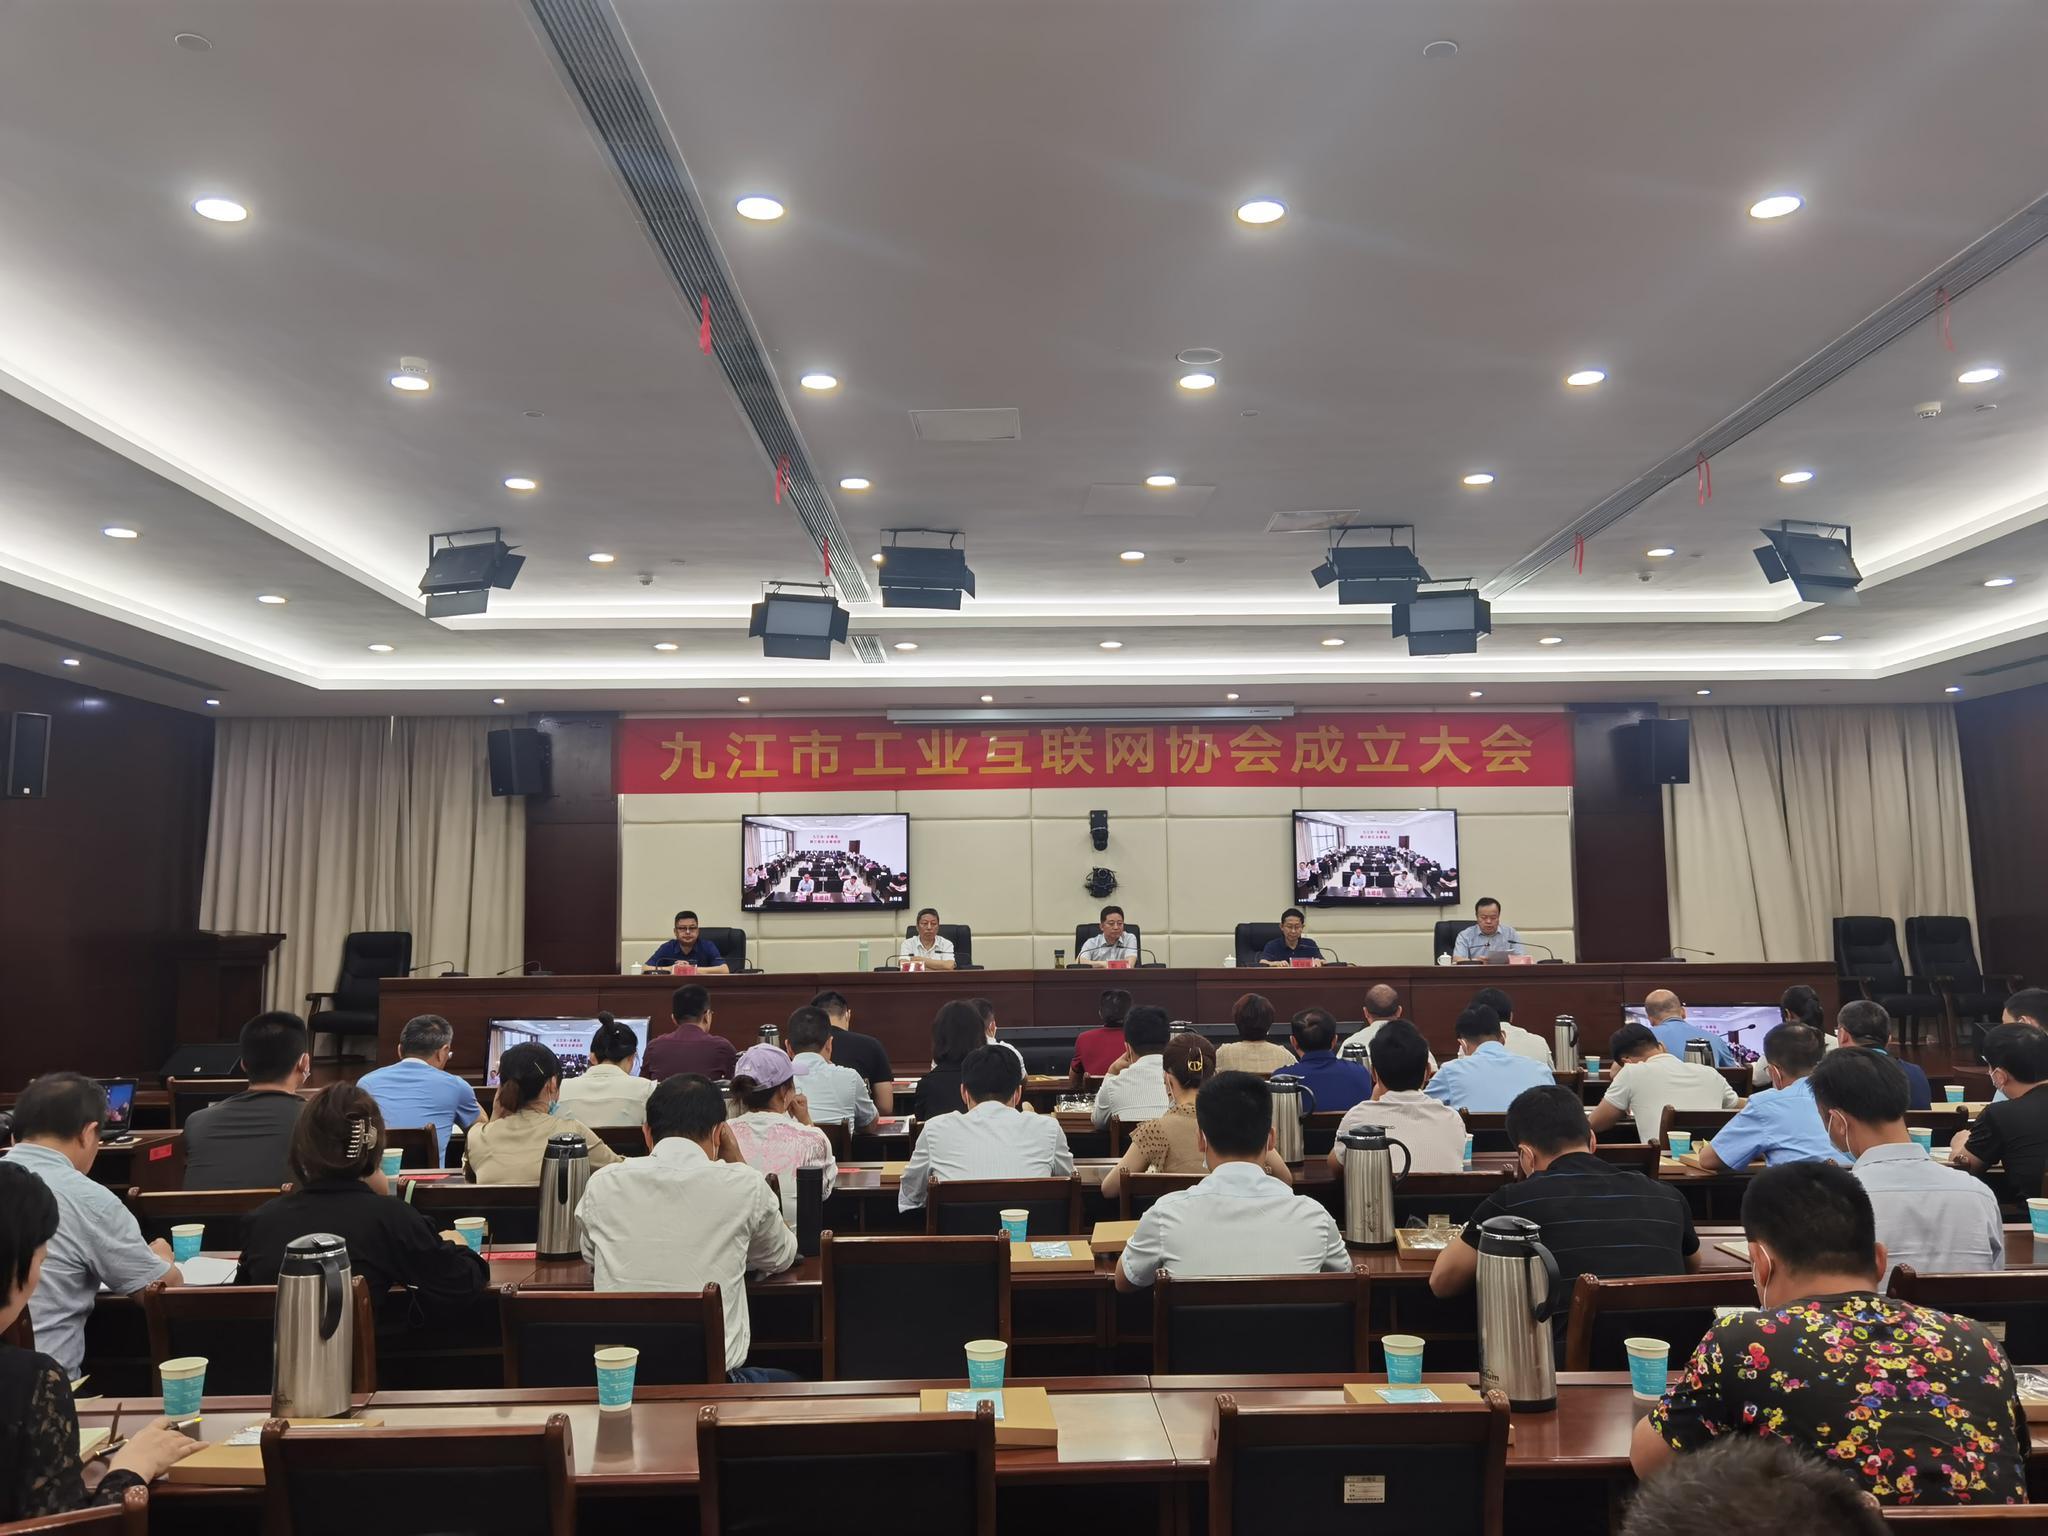 """九江市工业互联网协会成立!为我市工业化与信息化深度融合搭建""""桥梁"""""""